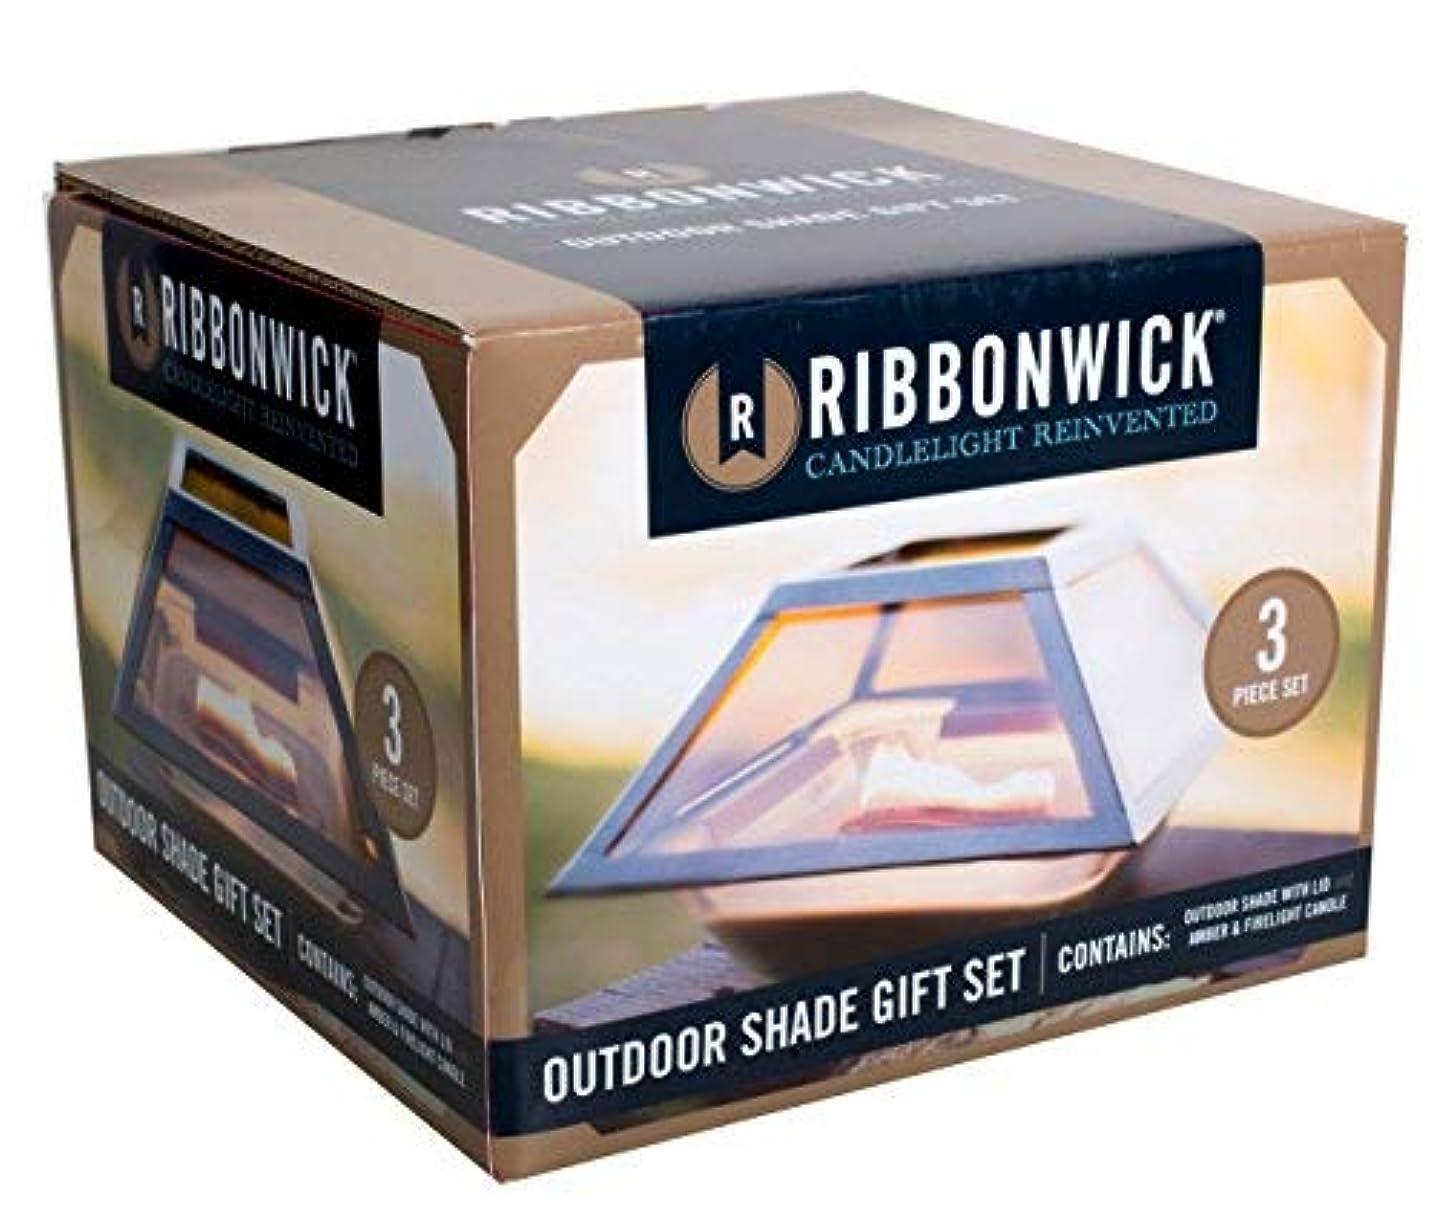 主シュート噴出するAmber Firelight 3ピースギフトセット装飾ガラスMedium RibbonWick Scented Candle